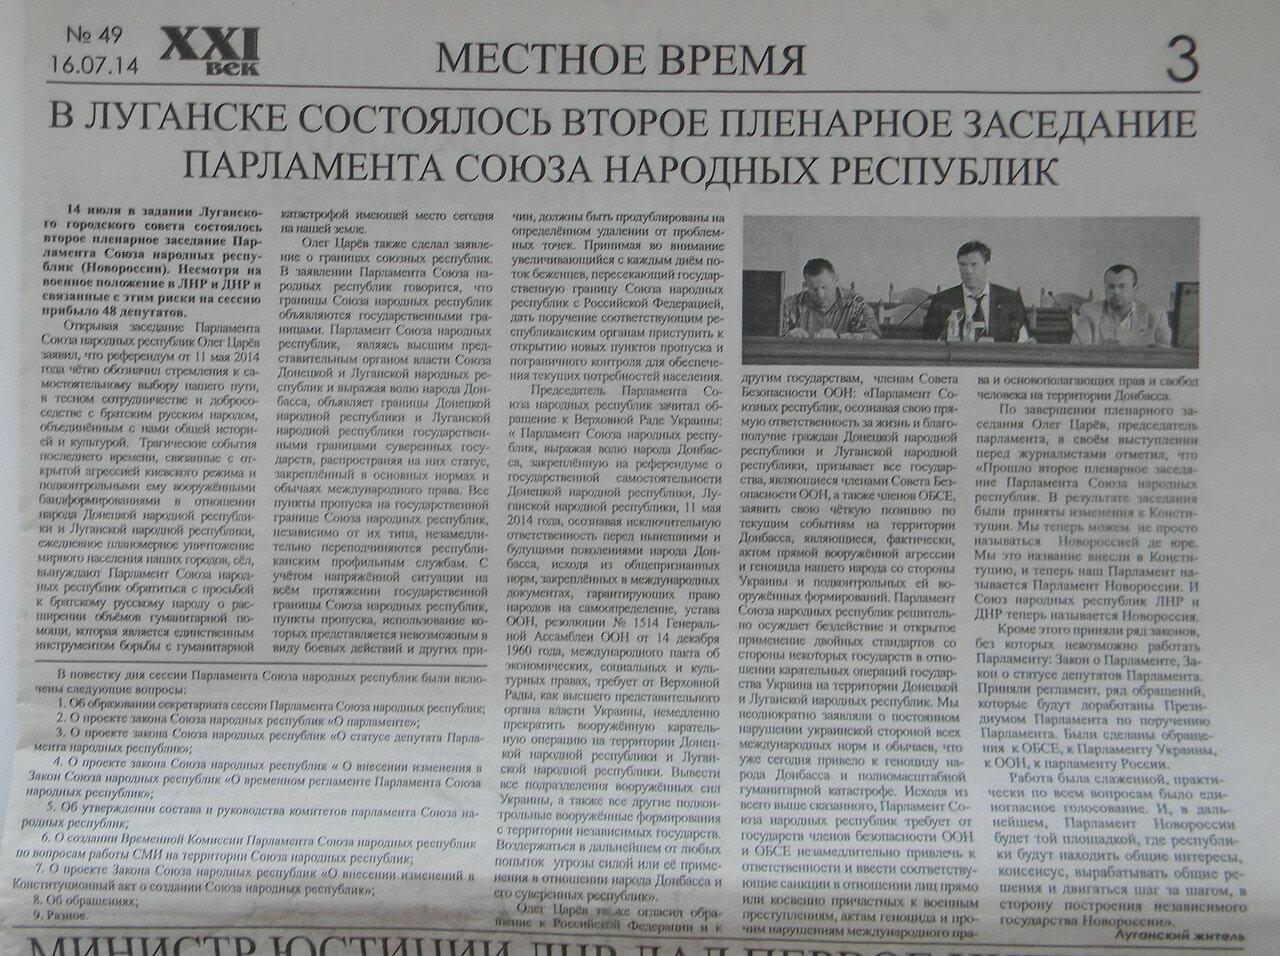 В Луганске состоялось второе пленарное заседание парламента Союза народных республик